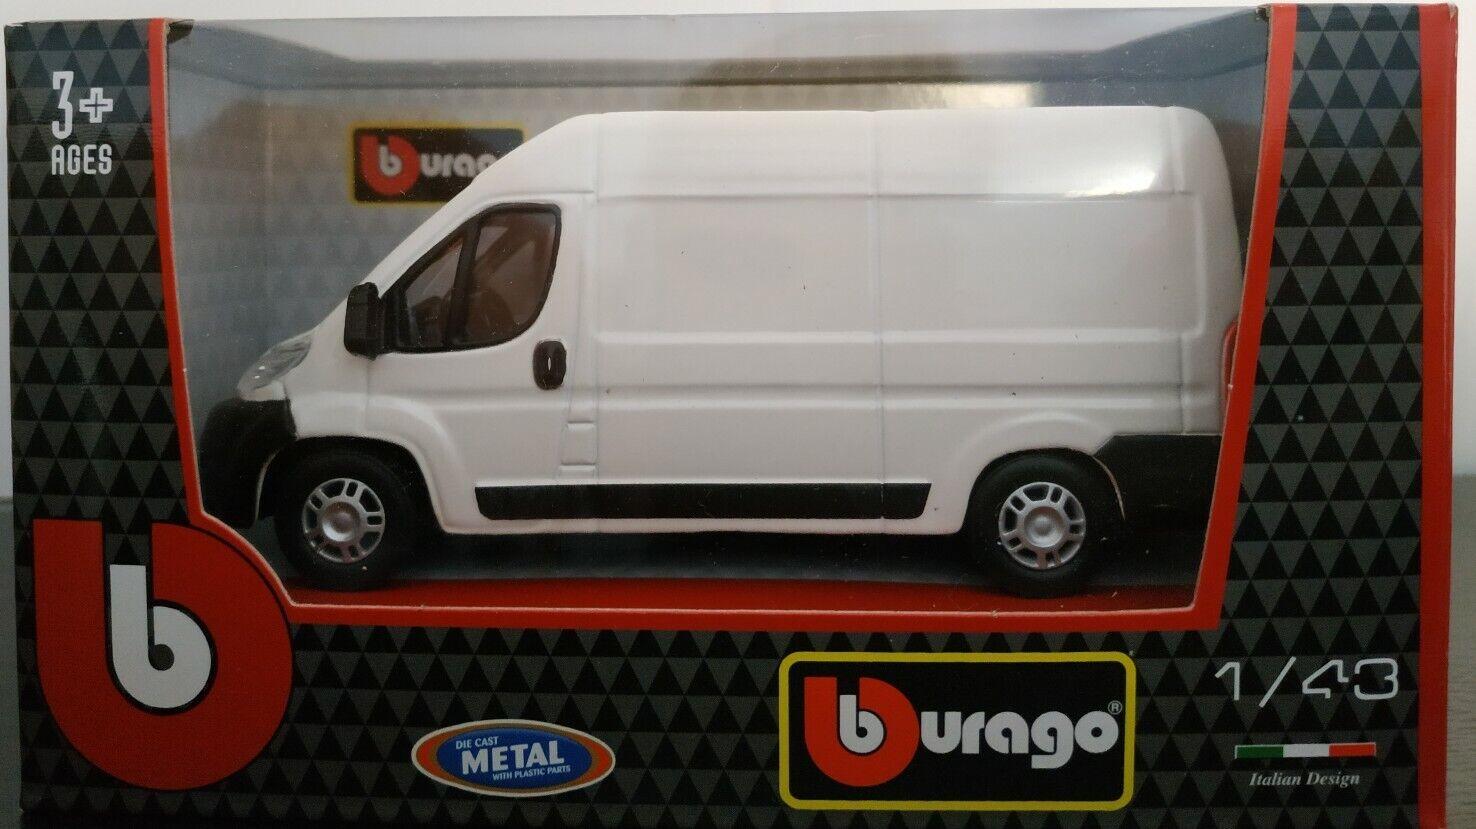 1 43 fiat ducato van 2006 fuegoneta voiture metal scale  collection die cast  meilleure qualité meilleur prix